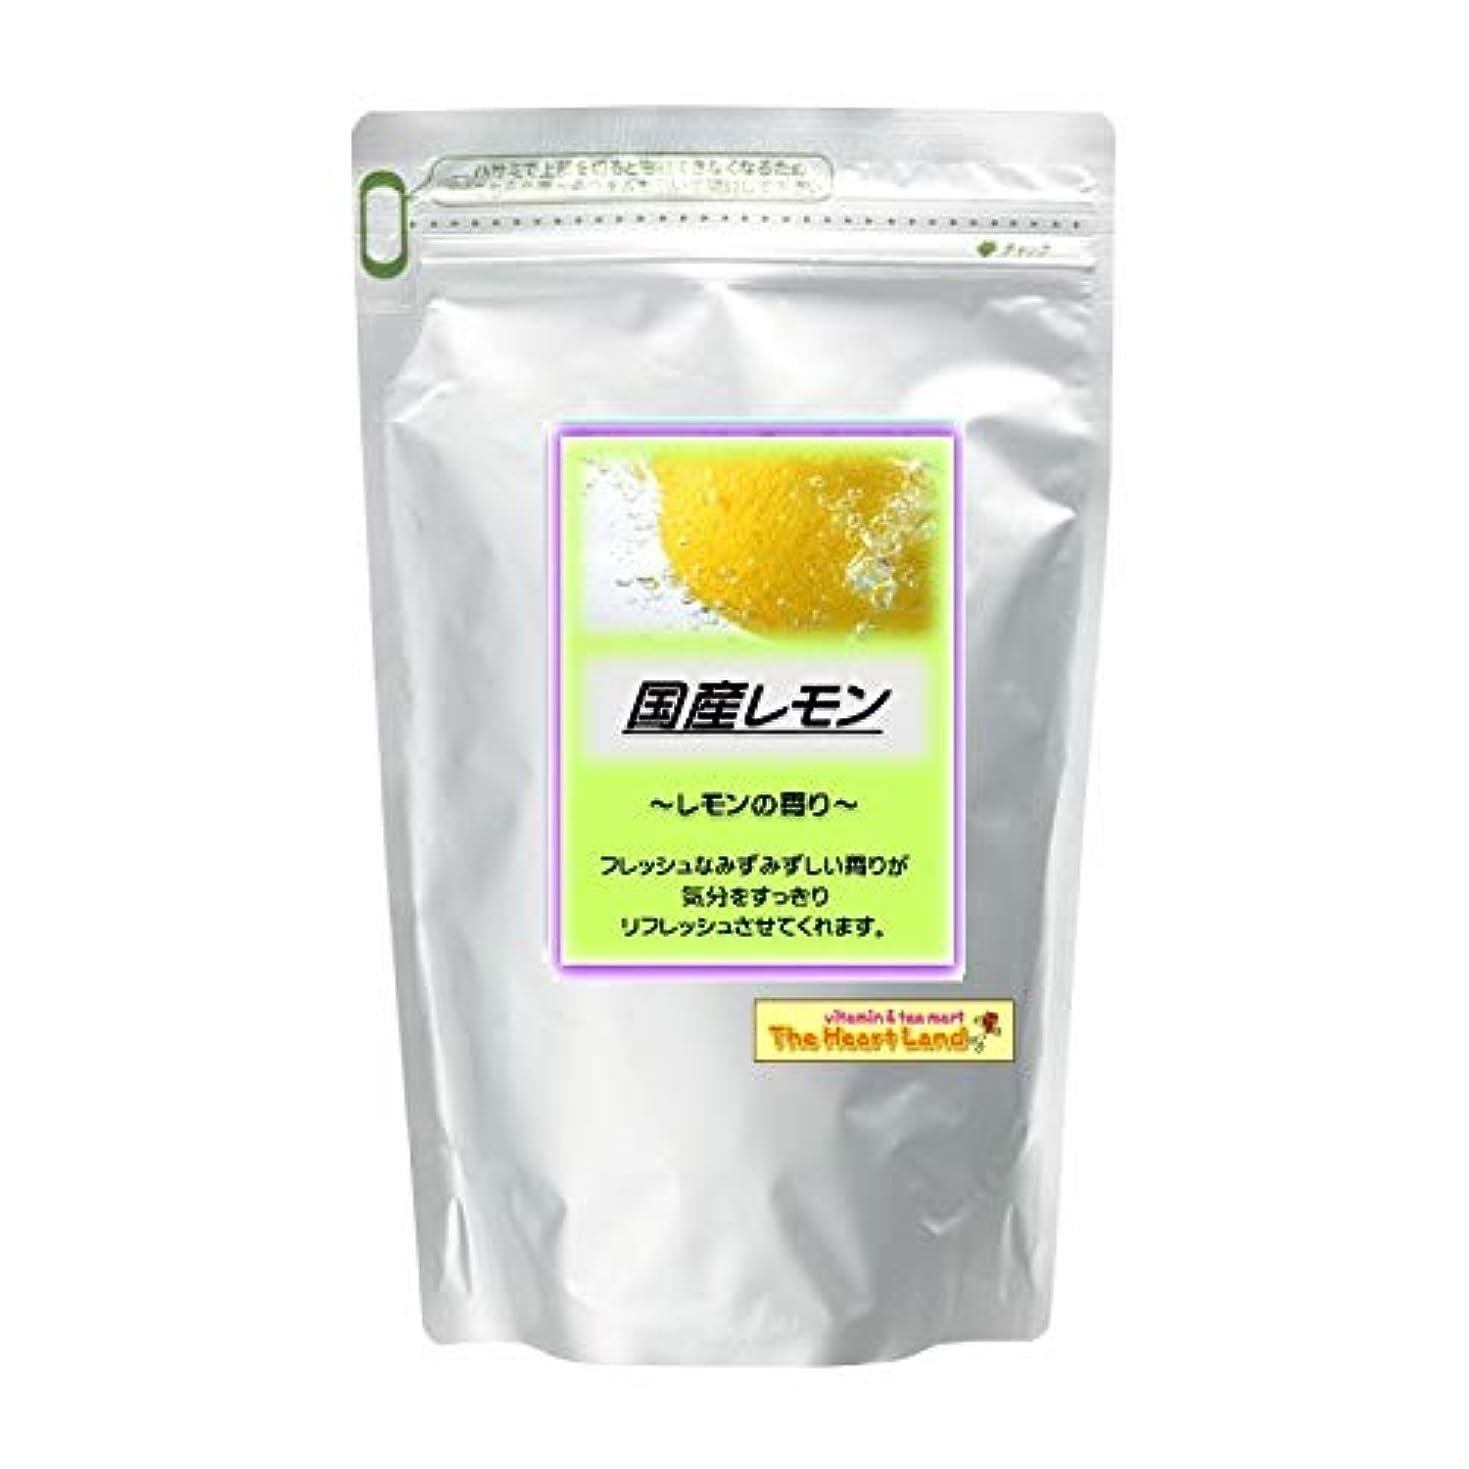 ベギン楕円形コロニアルアサヒ入浴剤 浴用入浴化粧品 国産レモン 300g